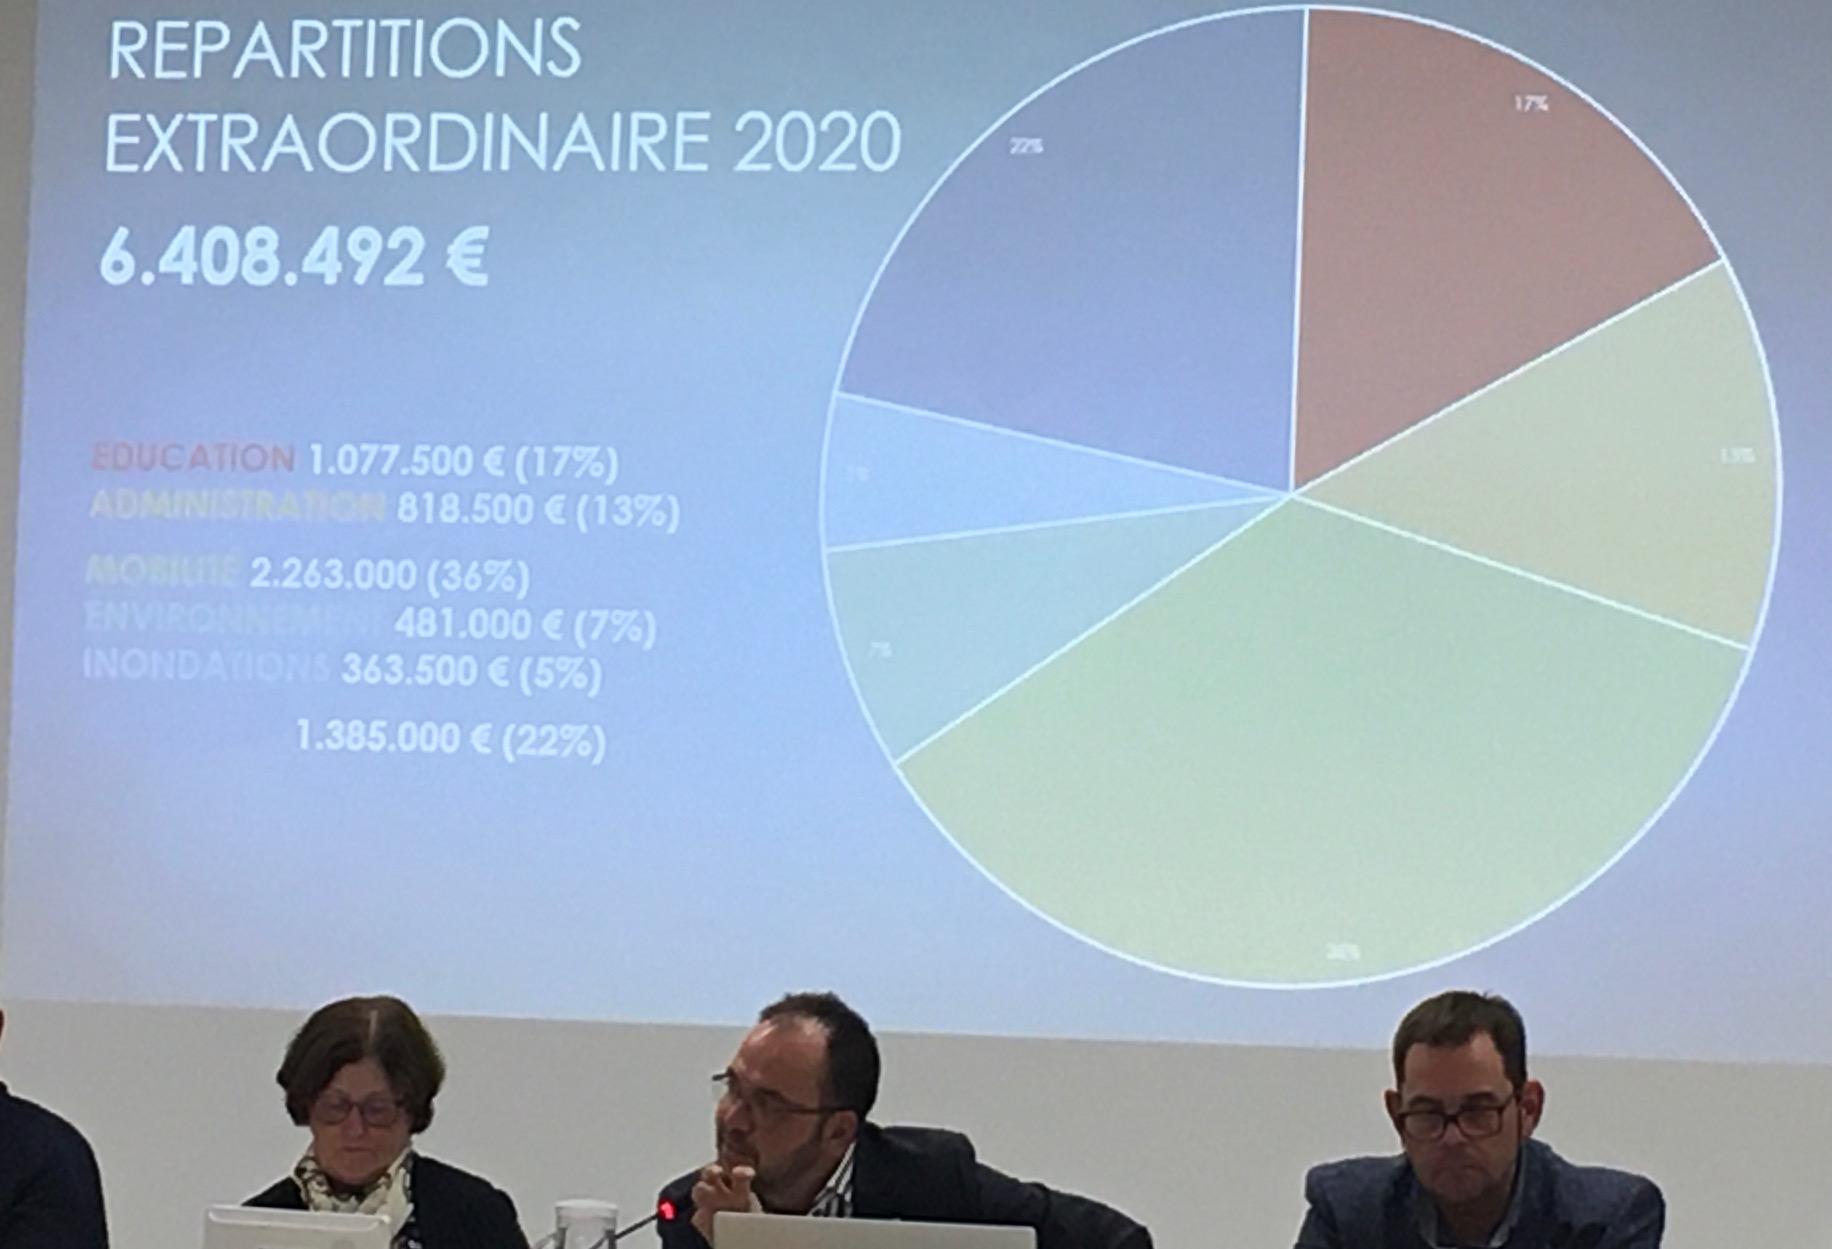 Le budget 2020 de la commune Eghezée